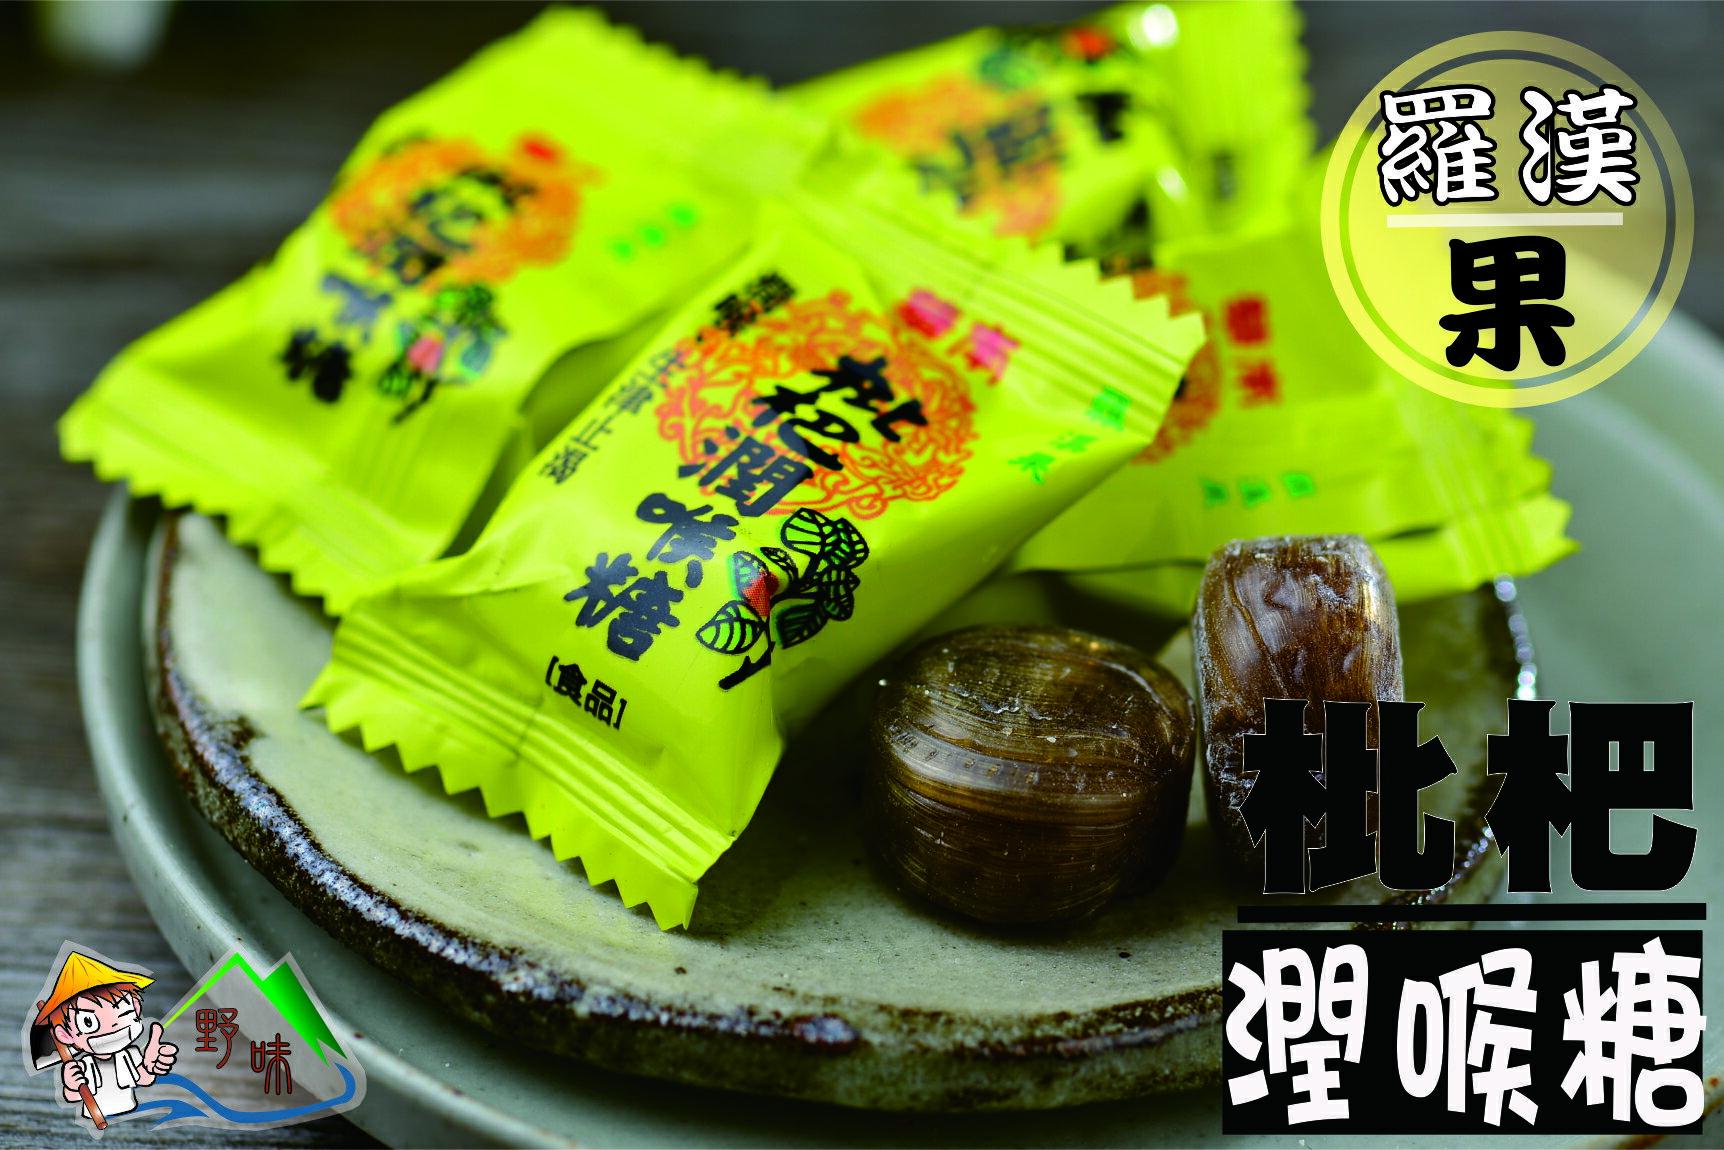 【野味食品】華南枇杷潤喉糖(羅漢果潤喉糖 薄荷糖 涼糖)(150g/包,370g/包,3000g/包)